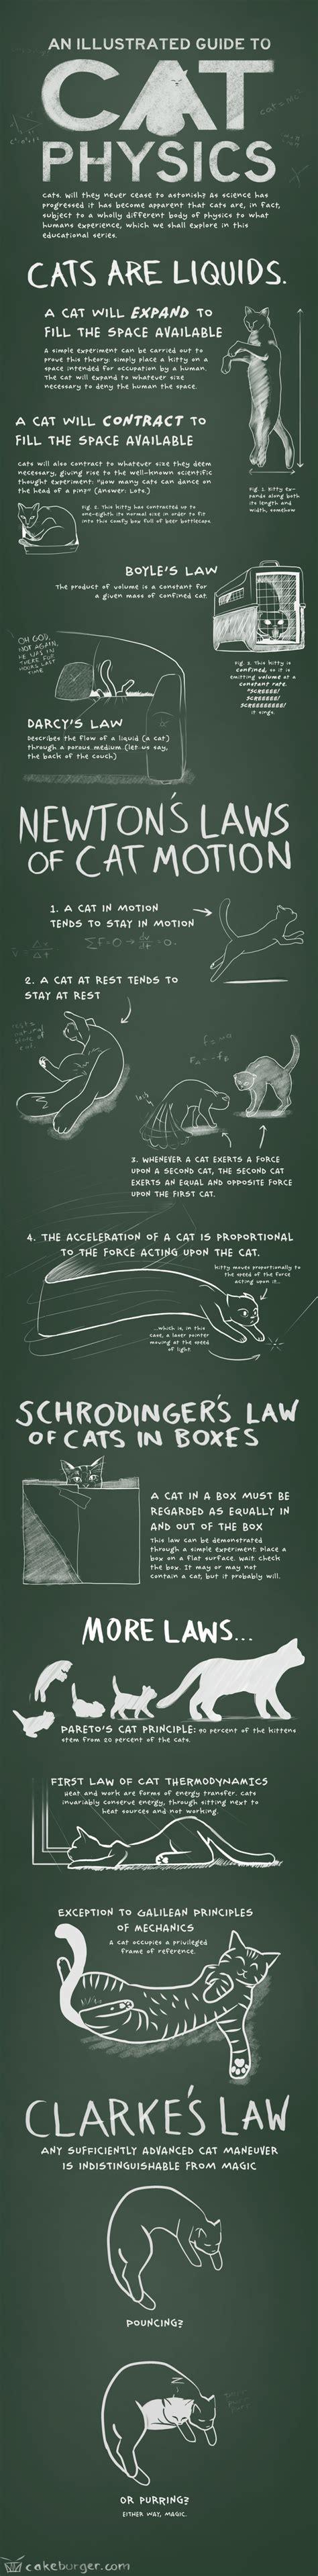 cat physics cats crazy cats funny cats